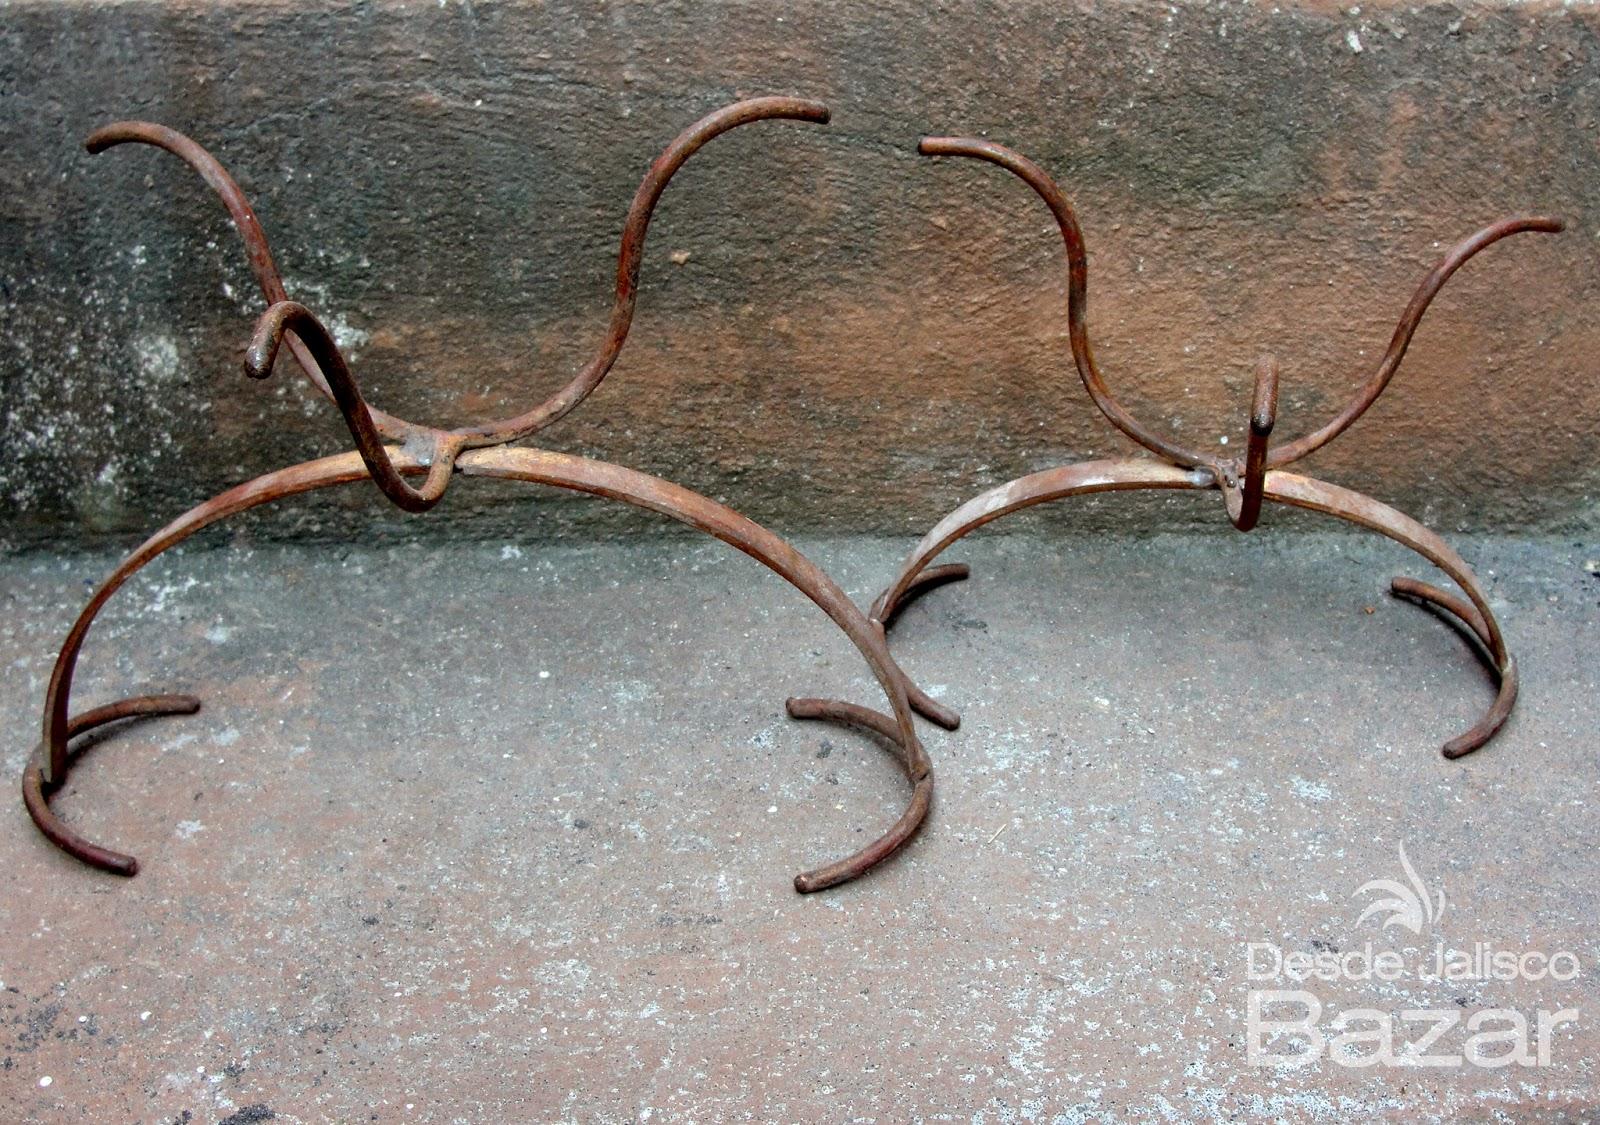 Desde jalisco bazar maceteros antiguos - Maceteros de hierro ...